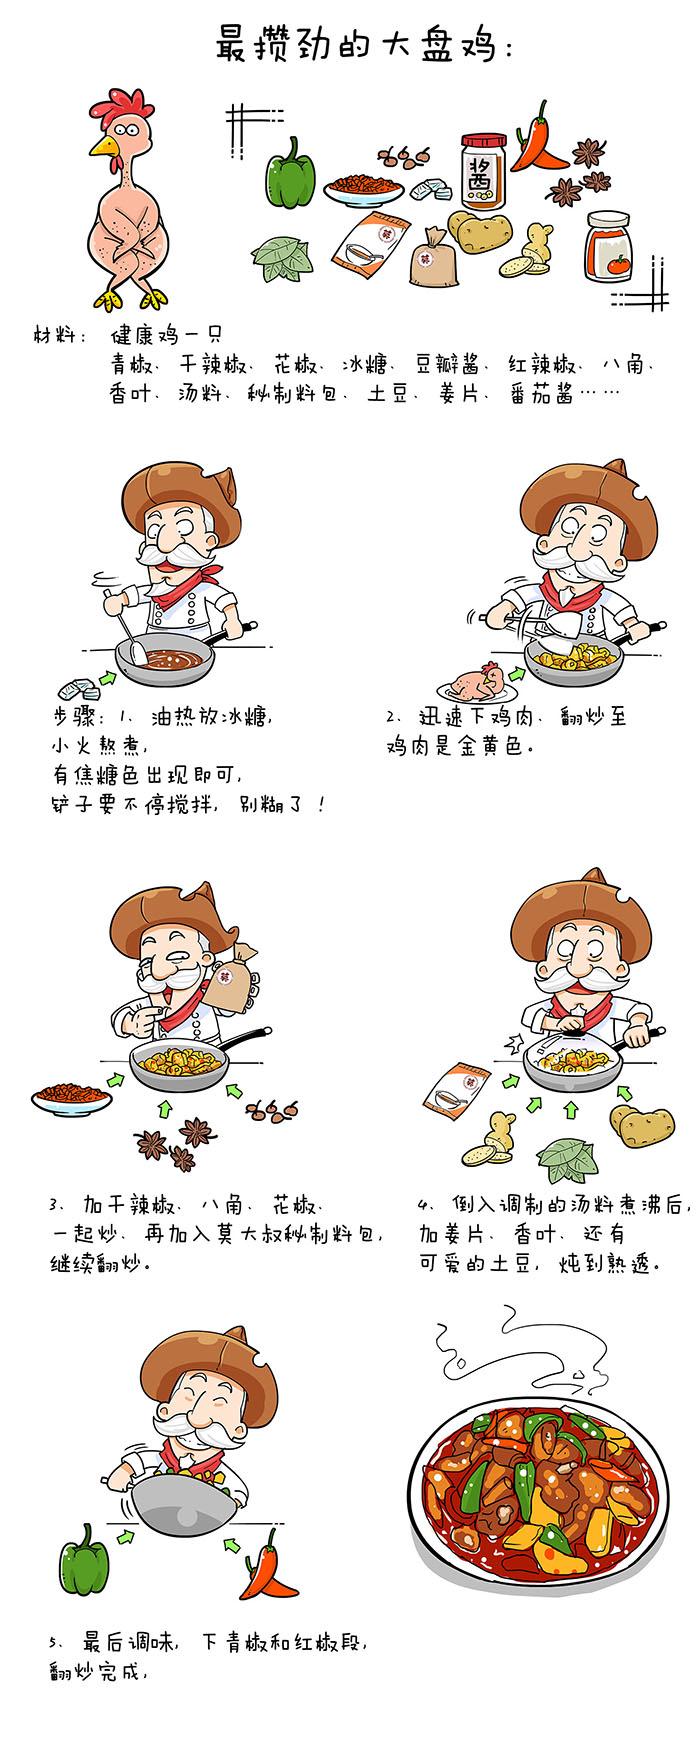 四格漫画_【原创漫画】漫画图说、餐饮行业、微信漫画、产品说明6